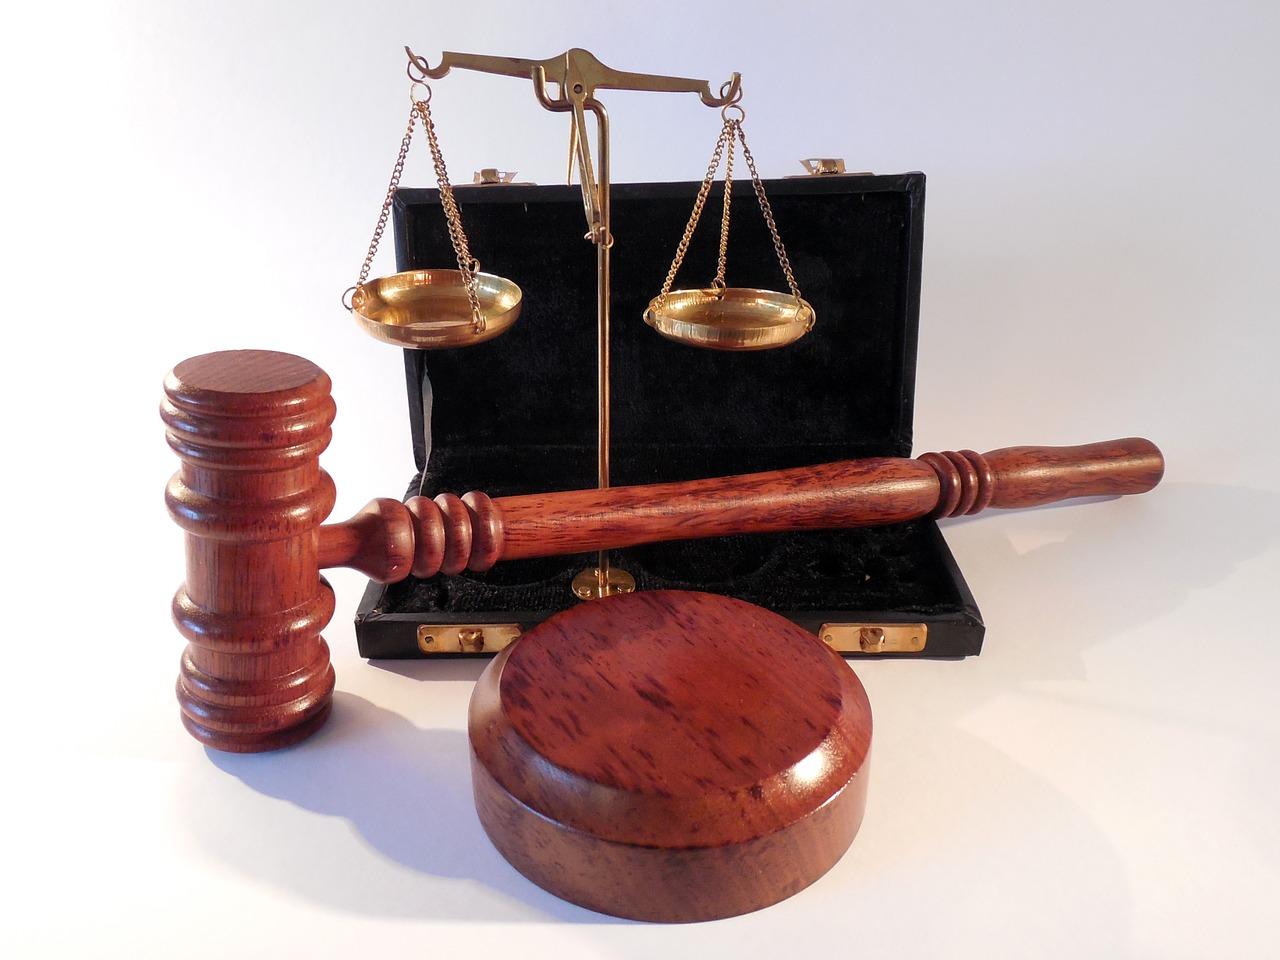 Jak mądrze wybrać adwokata, aby przeprowadzić rozwód po naszej myśli?